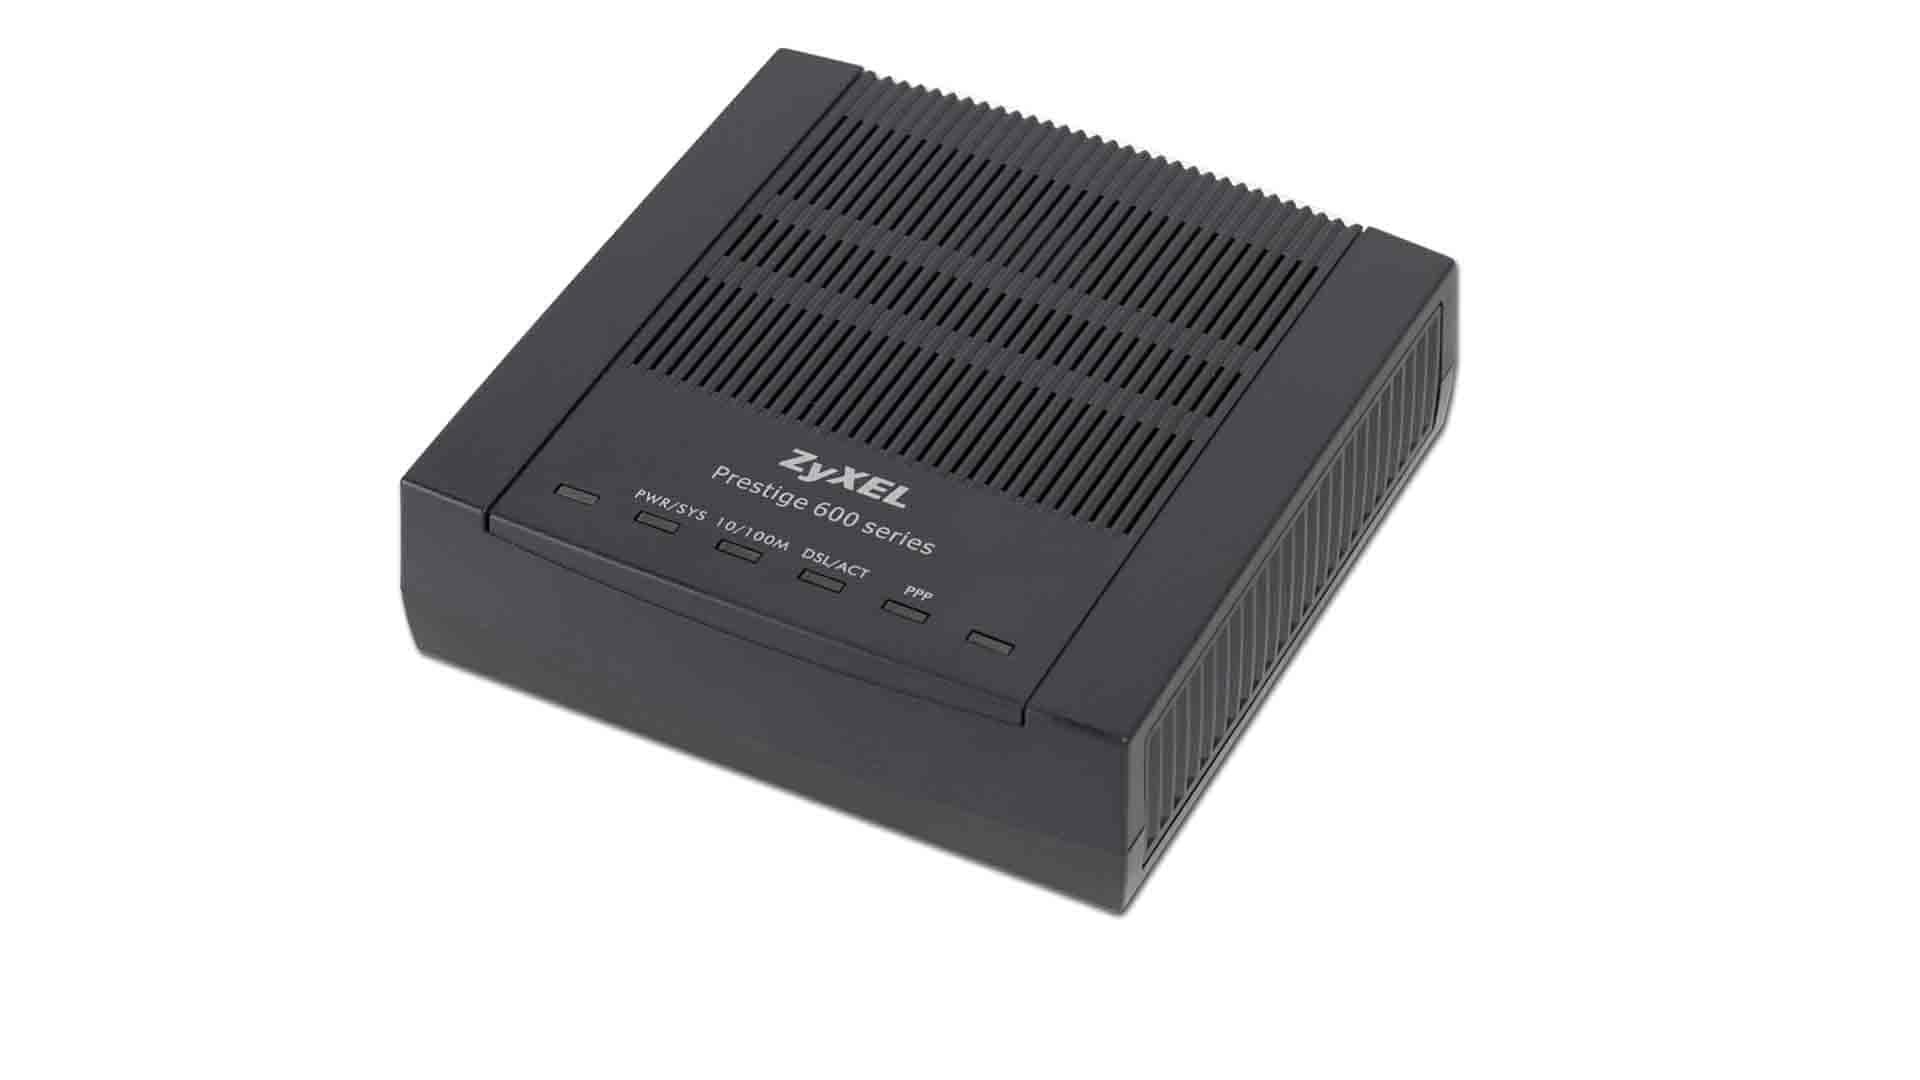 ADSL modem Zyxel P-660RT